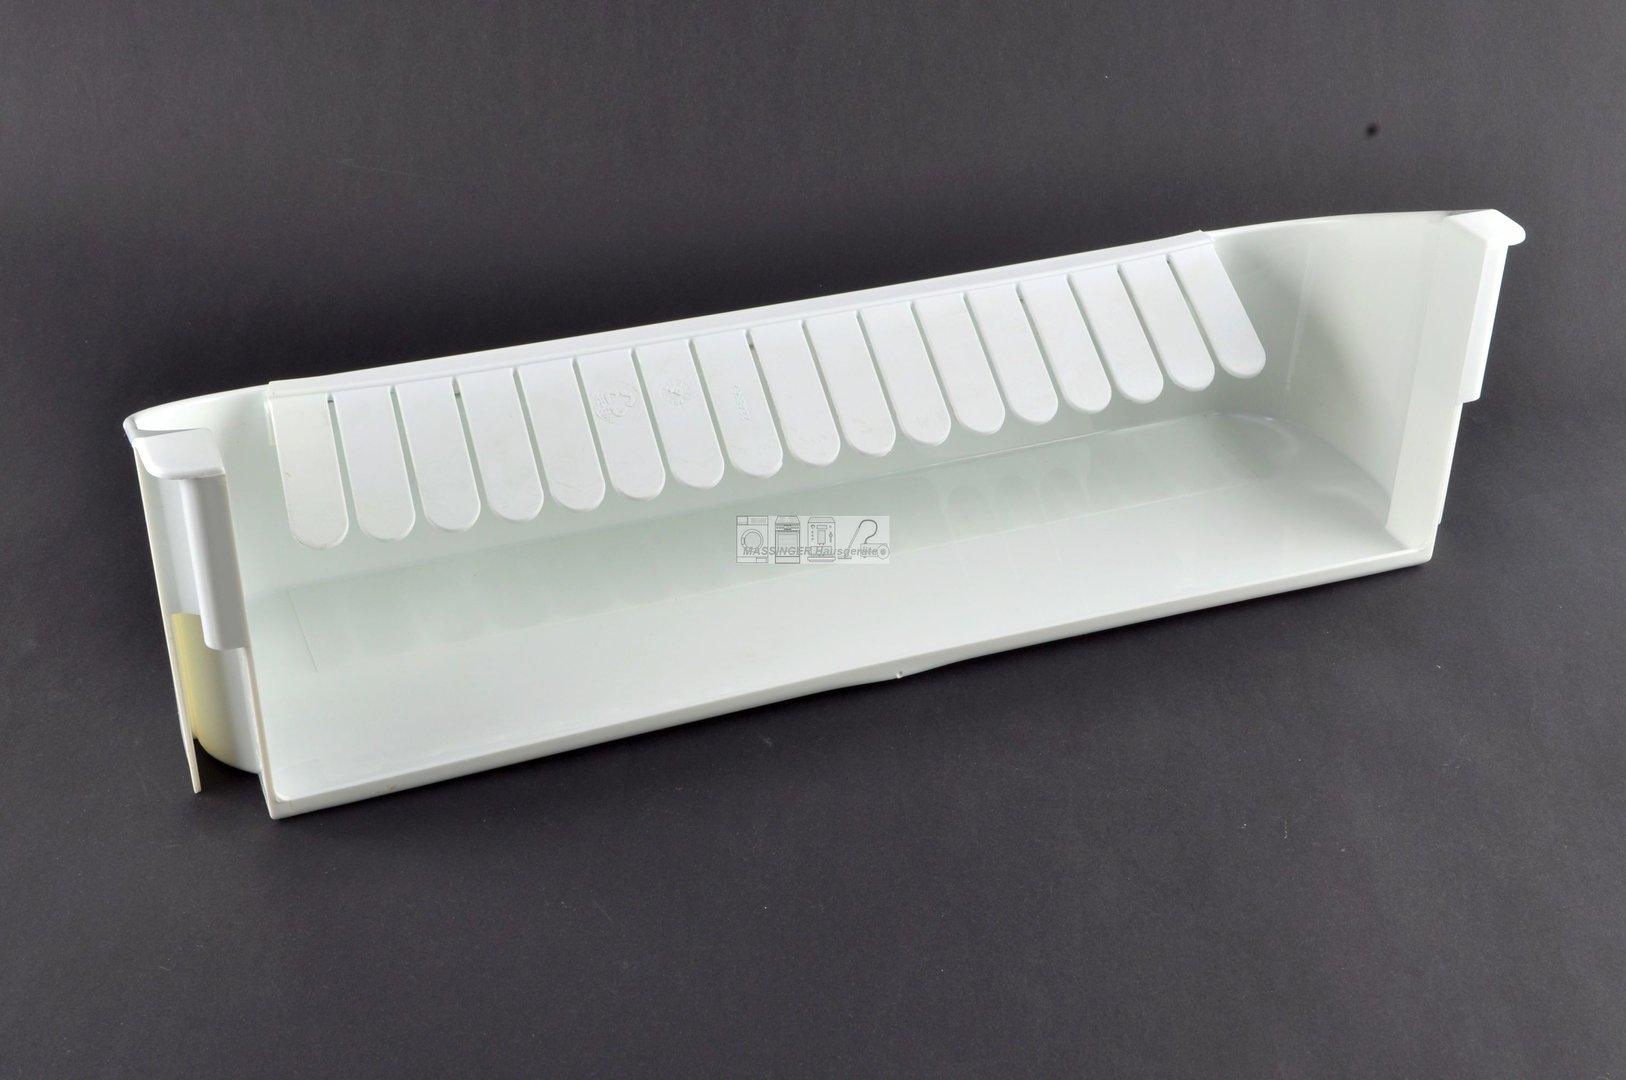 Aeg Kühlschrank Glasplatte : Zanker kühlschrank gebraucht tolle zanussi kühlschrank fotos die